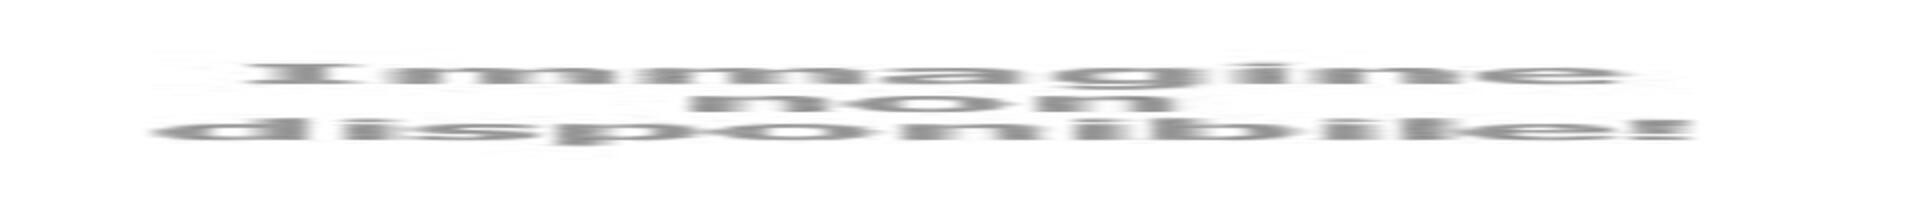 blumenhotel de spezielles-weihnachtsangebot-im-hotel-in-rimini-mit-animation 016